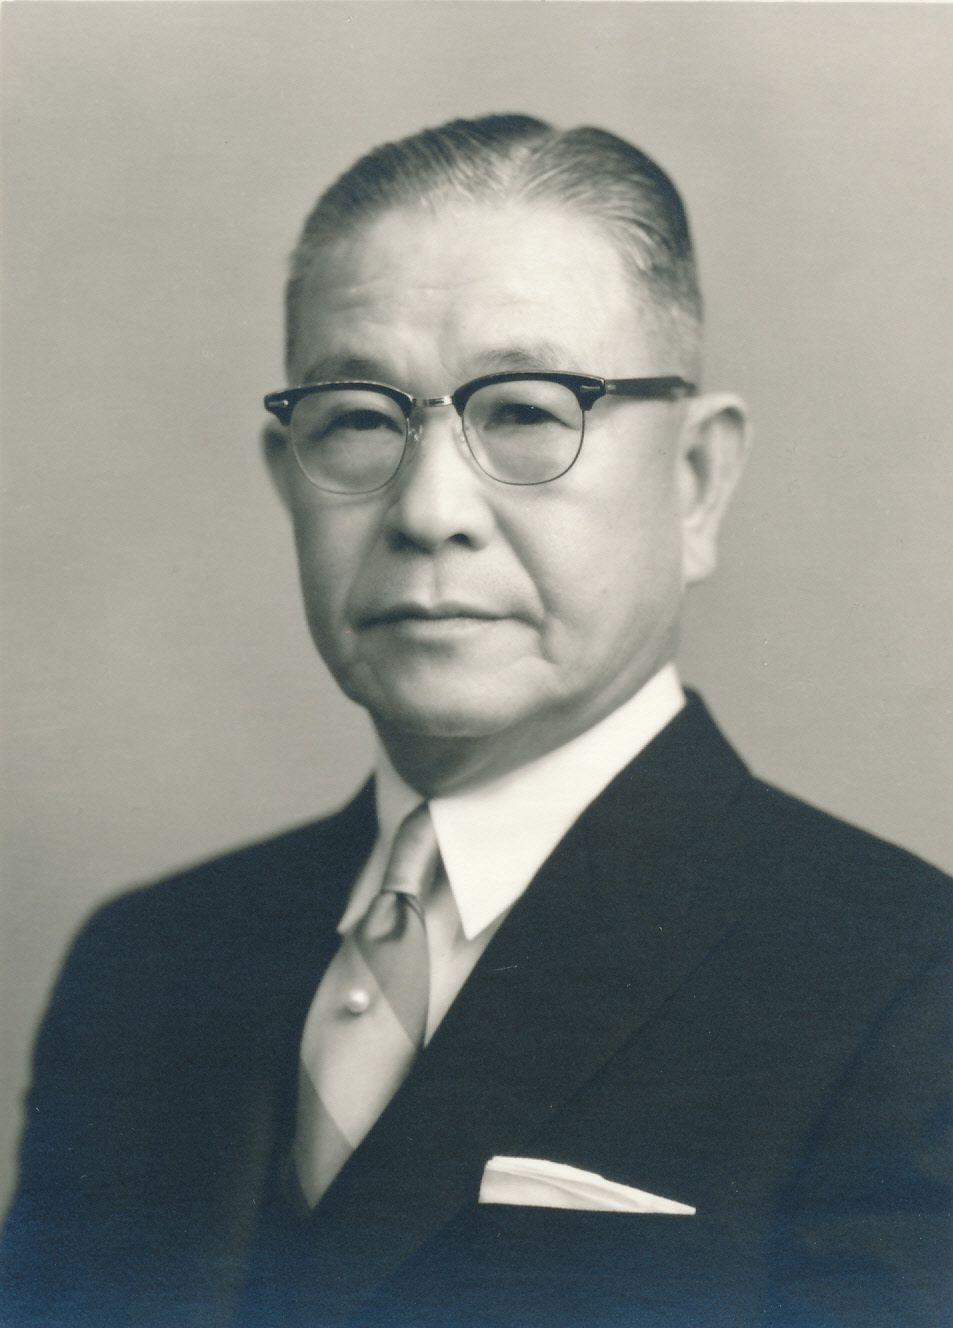 長崎県長崎市の洋品店に生まれた野田岩次郎。ホテルオークラ東京開業当時の社長を務めた。